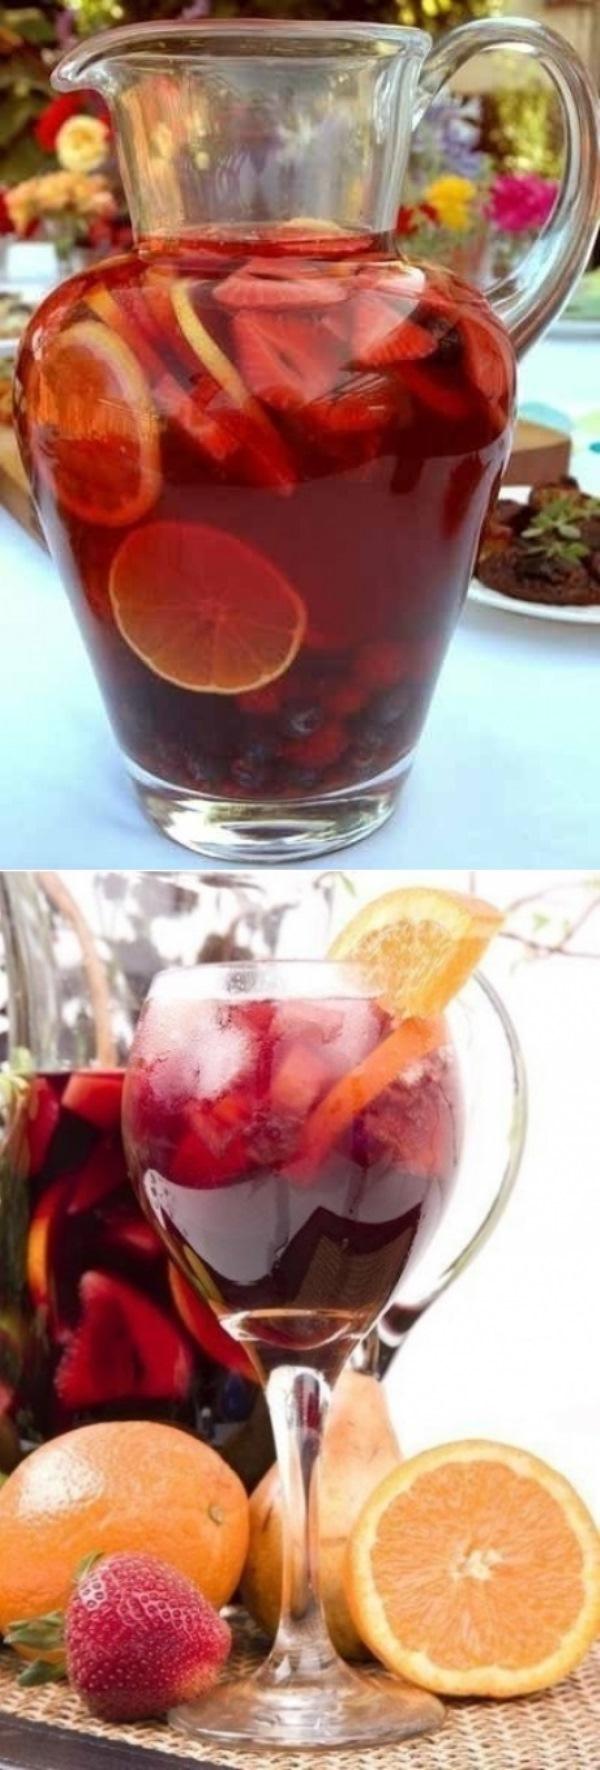 Сангрия (Sangria)  Самый популярный, разве что после пива и вина, напиток в Испании. Приготовленная правильно сангрия, не имеет ничего общего с синтетической покупной.